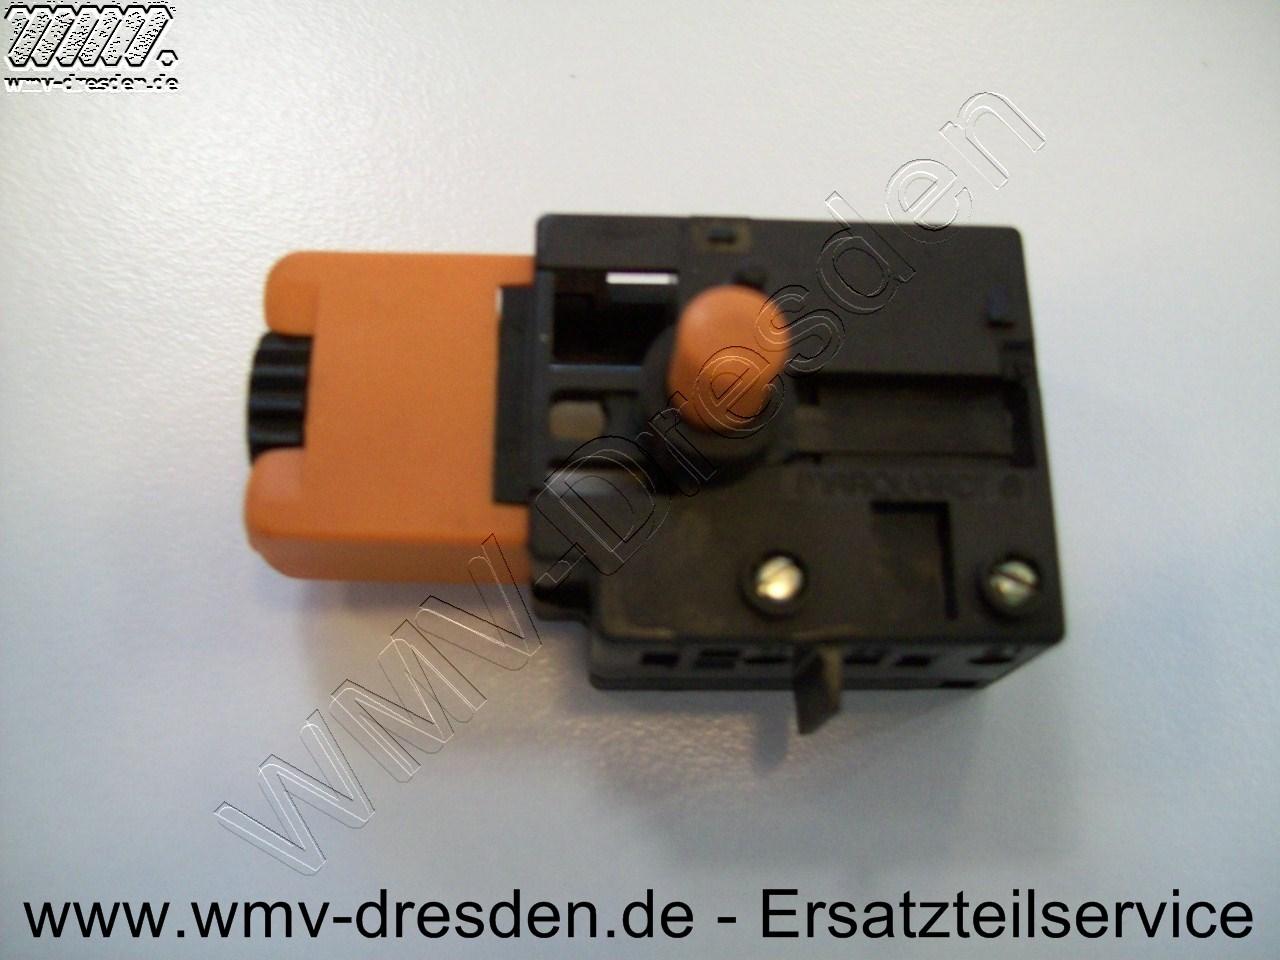 Schalter schwarz-orange, EHR 10 ELM und EHR 10 EL